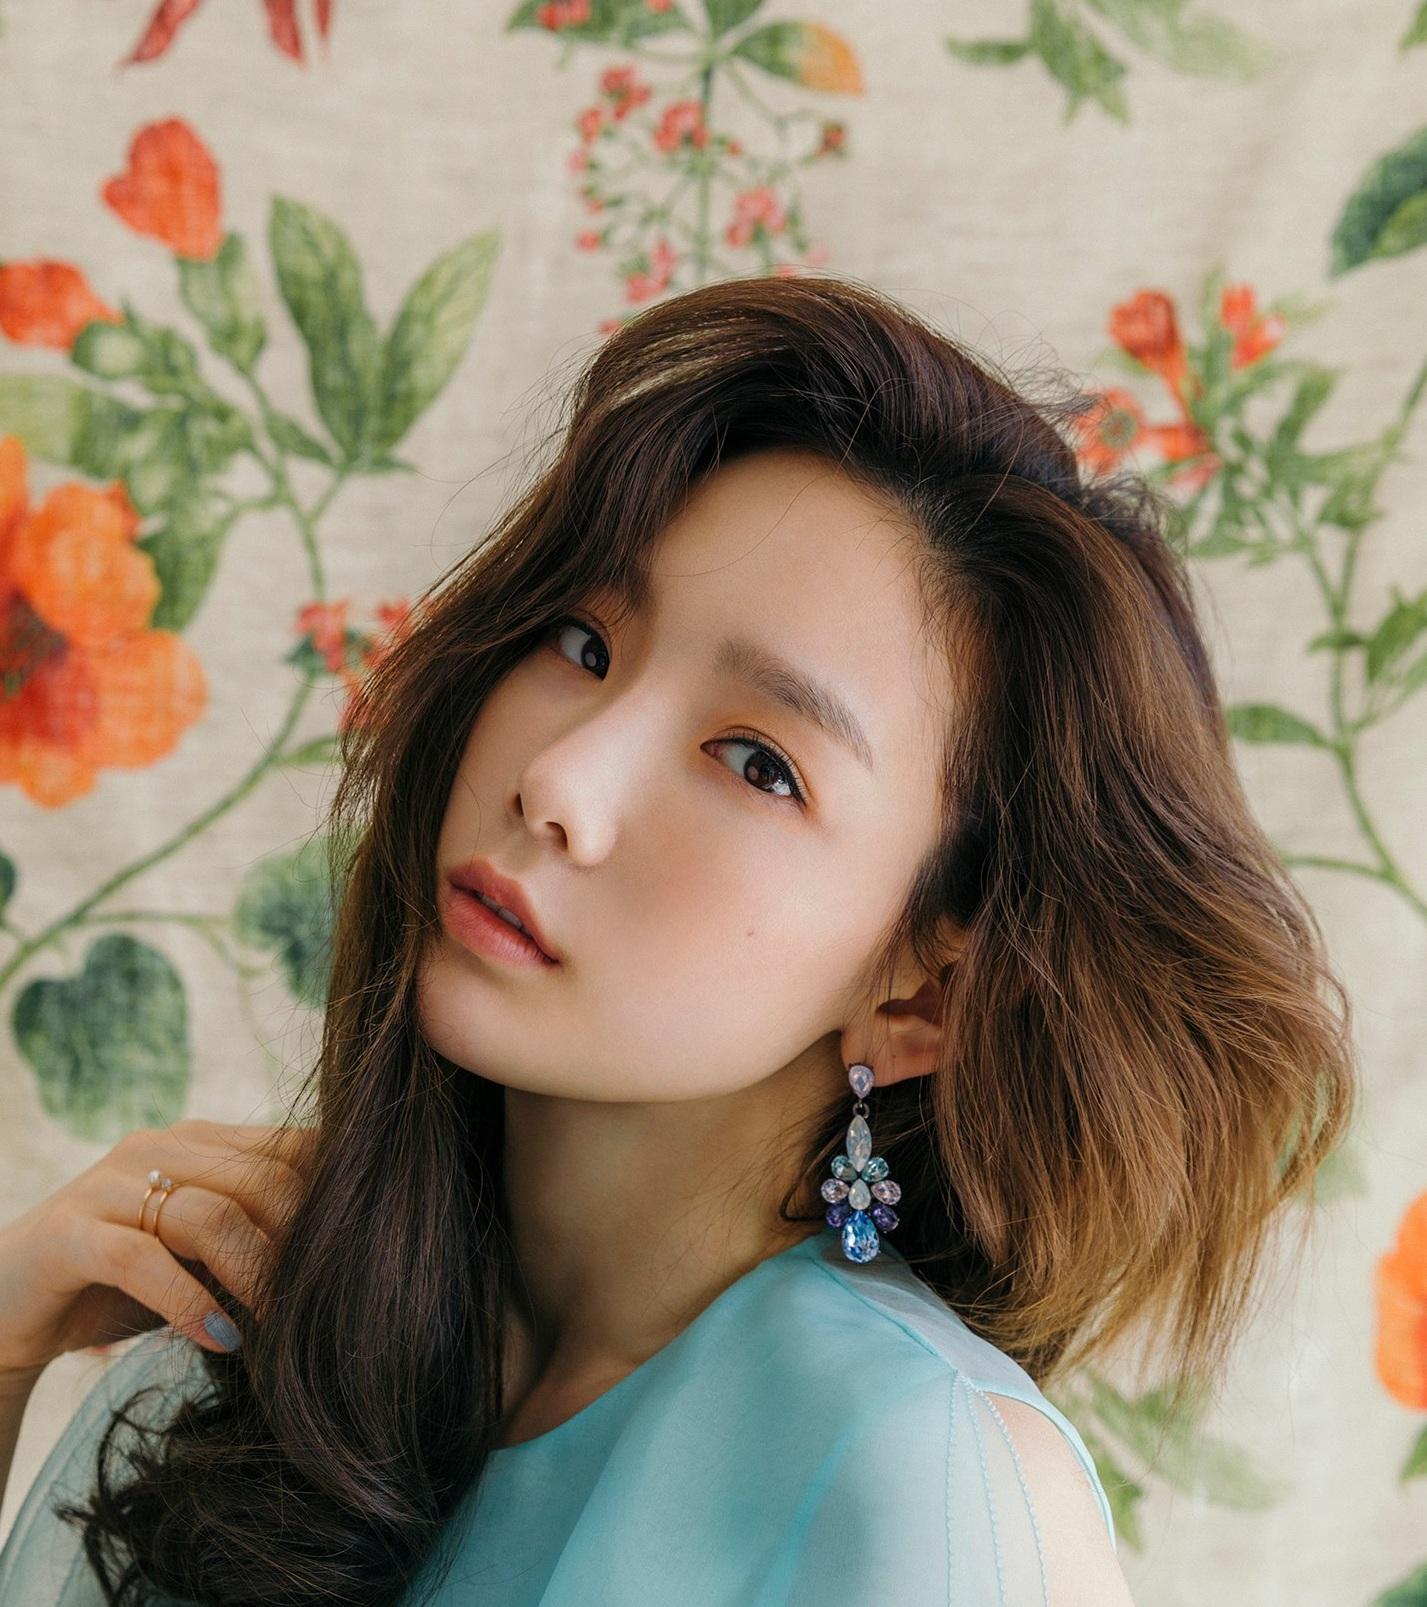 태연│My Voice - 솔로 가수 태연의 이야기는 지금...